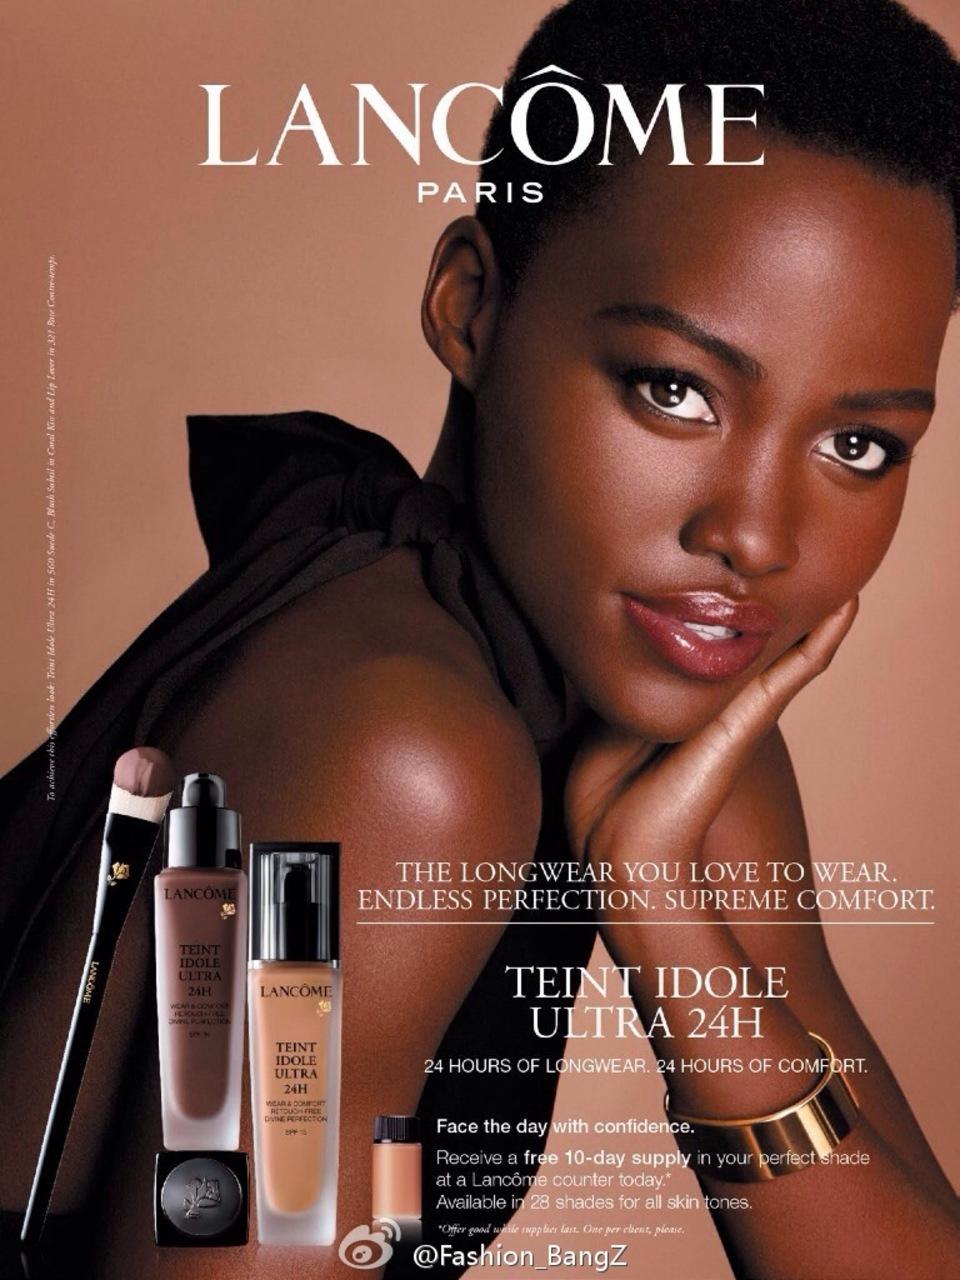 lupita nyongo lancome ad campaign photo 2014 Lupita Nyongo First Lancome Ad Campaign Revealed!